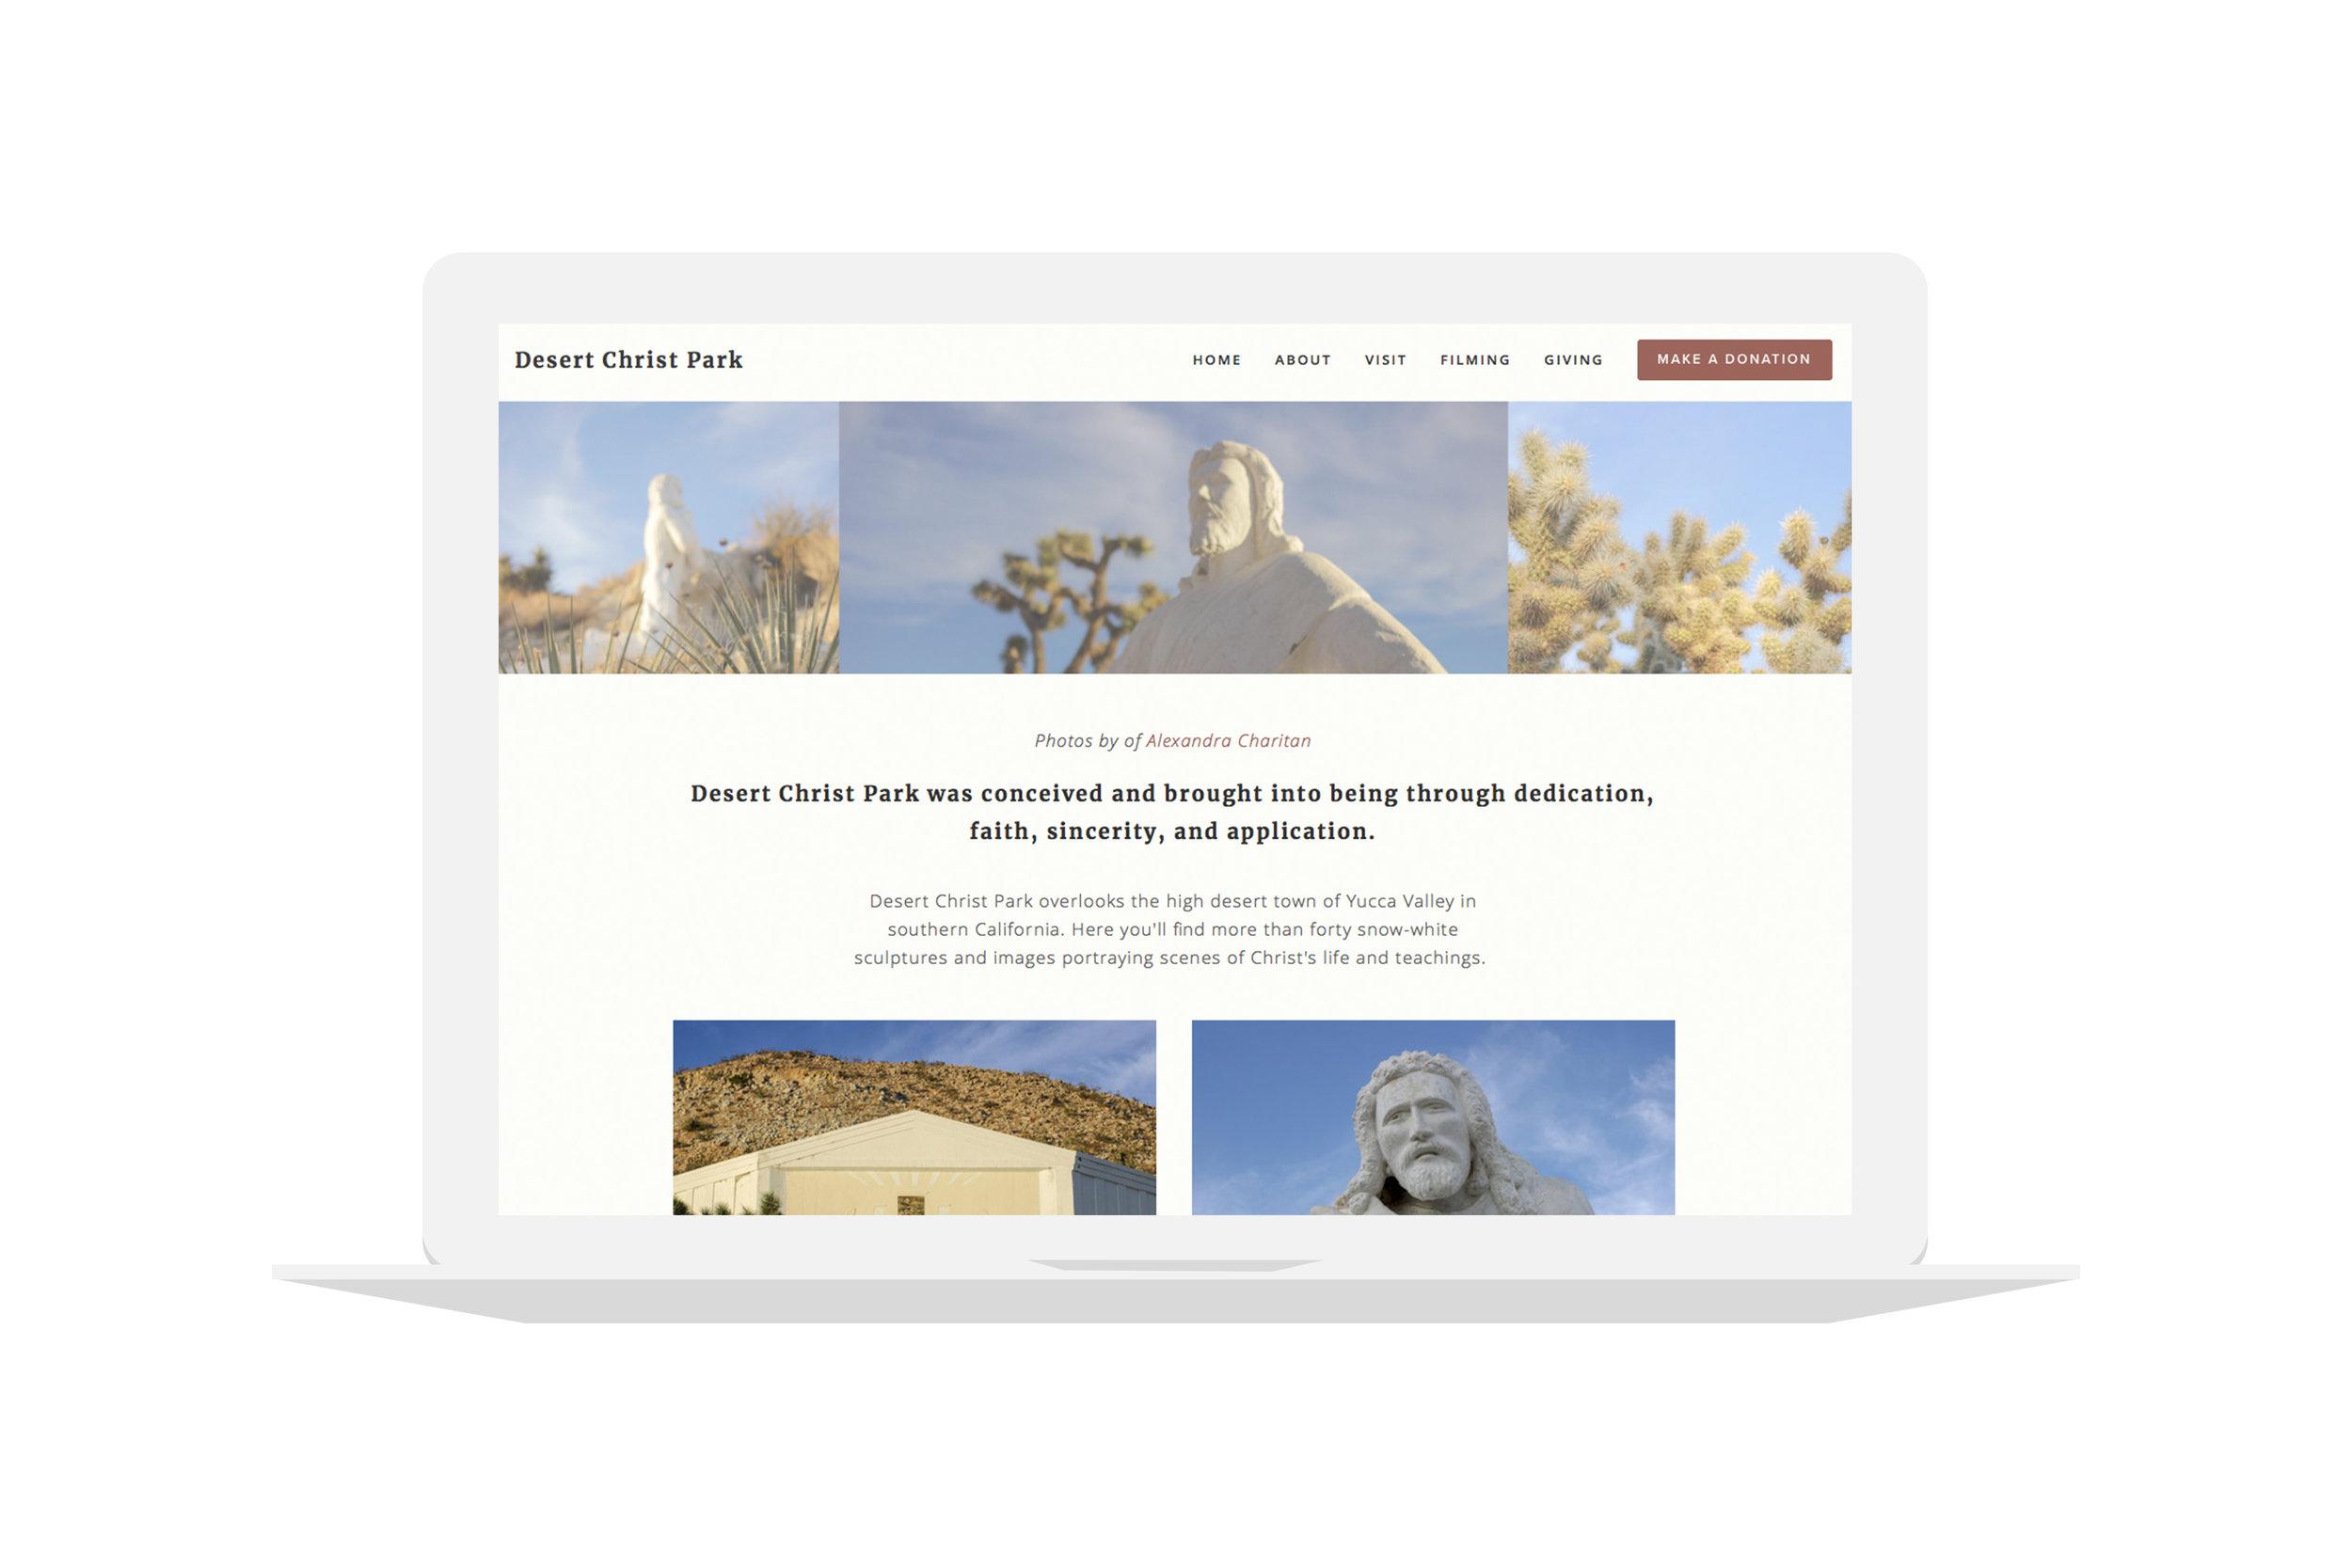 DesertChristPark-website-homepage.jpg